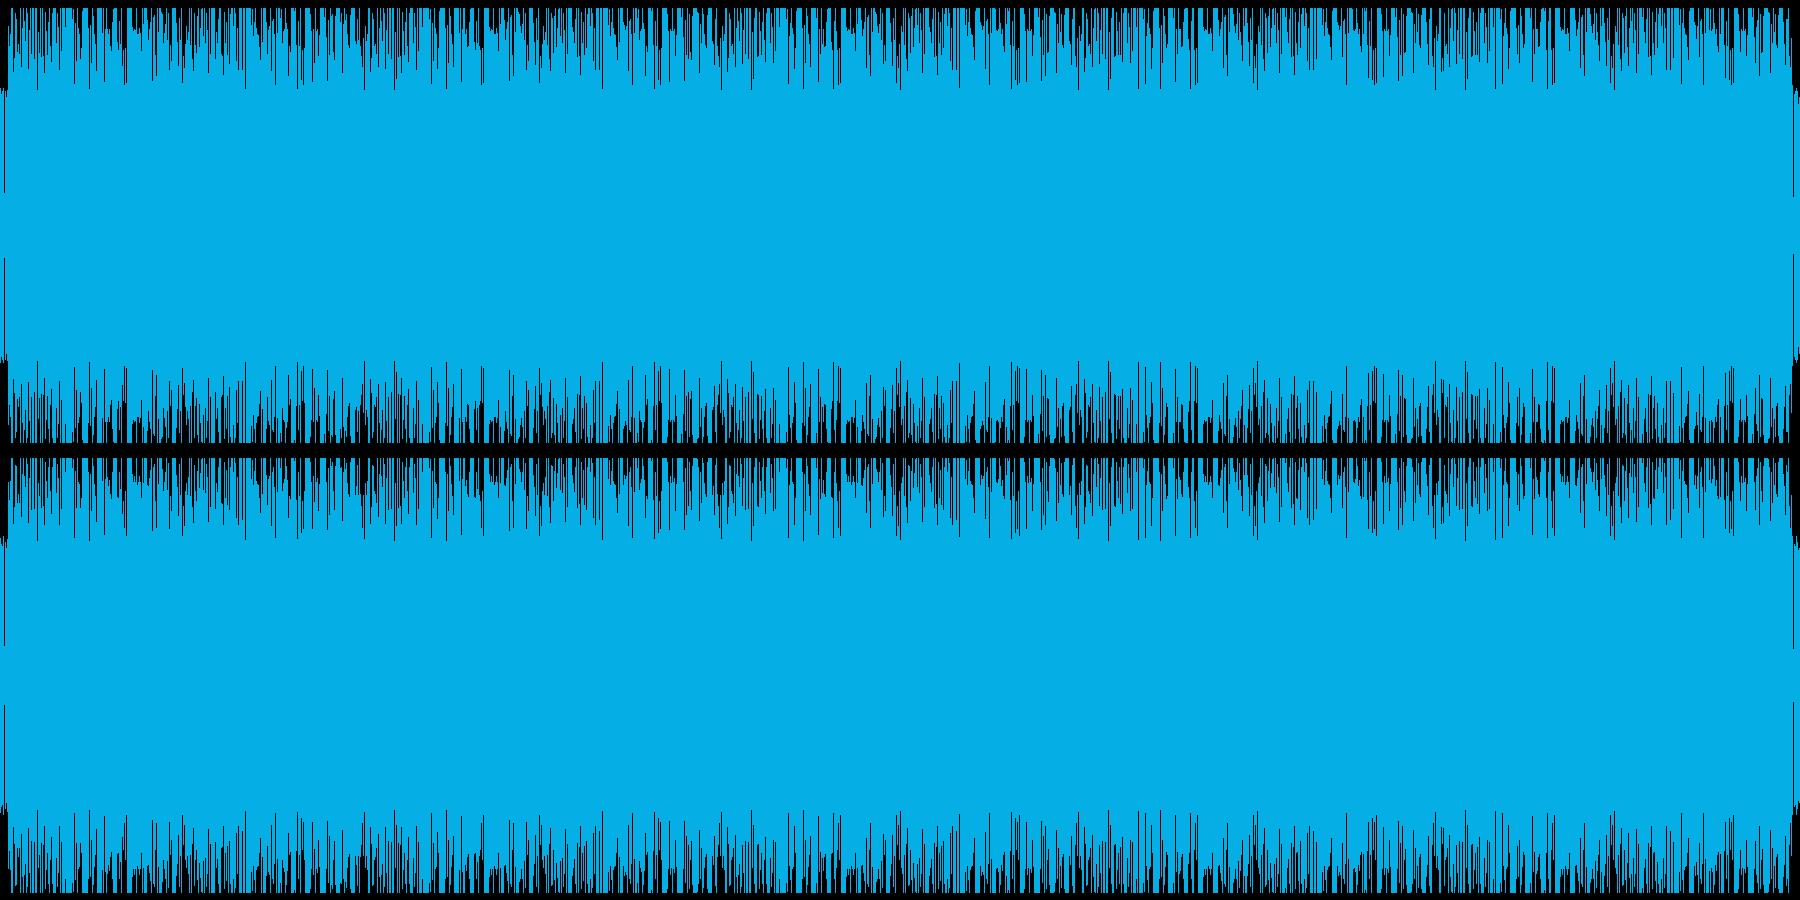 ほのぼのレゲエ風BGM【生演奏ギター】の再生済みの波形